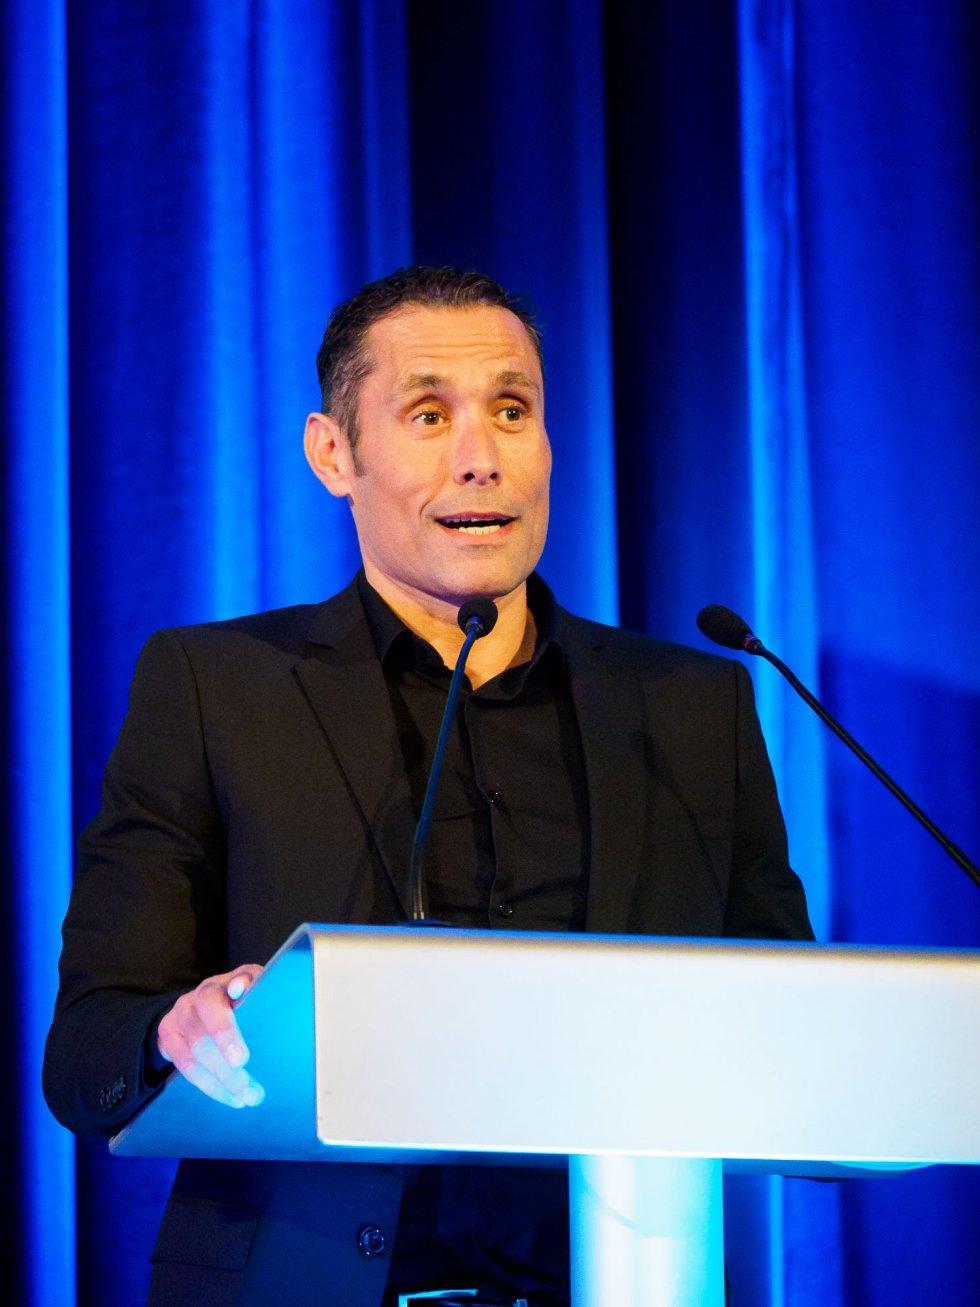 Carlos David Prieto, entrenador del atleta Javier Gómez Noya, en su discurso de agradecimiento después de recoger el premio en nombre del pentacampeón mundial de triatlón